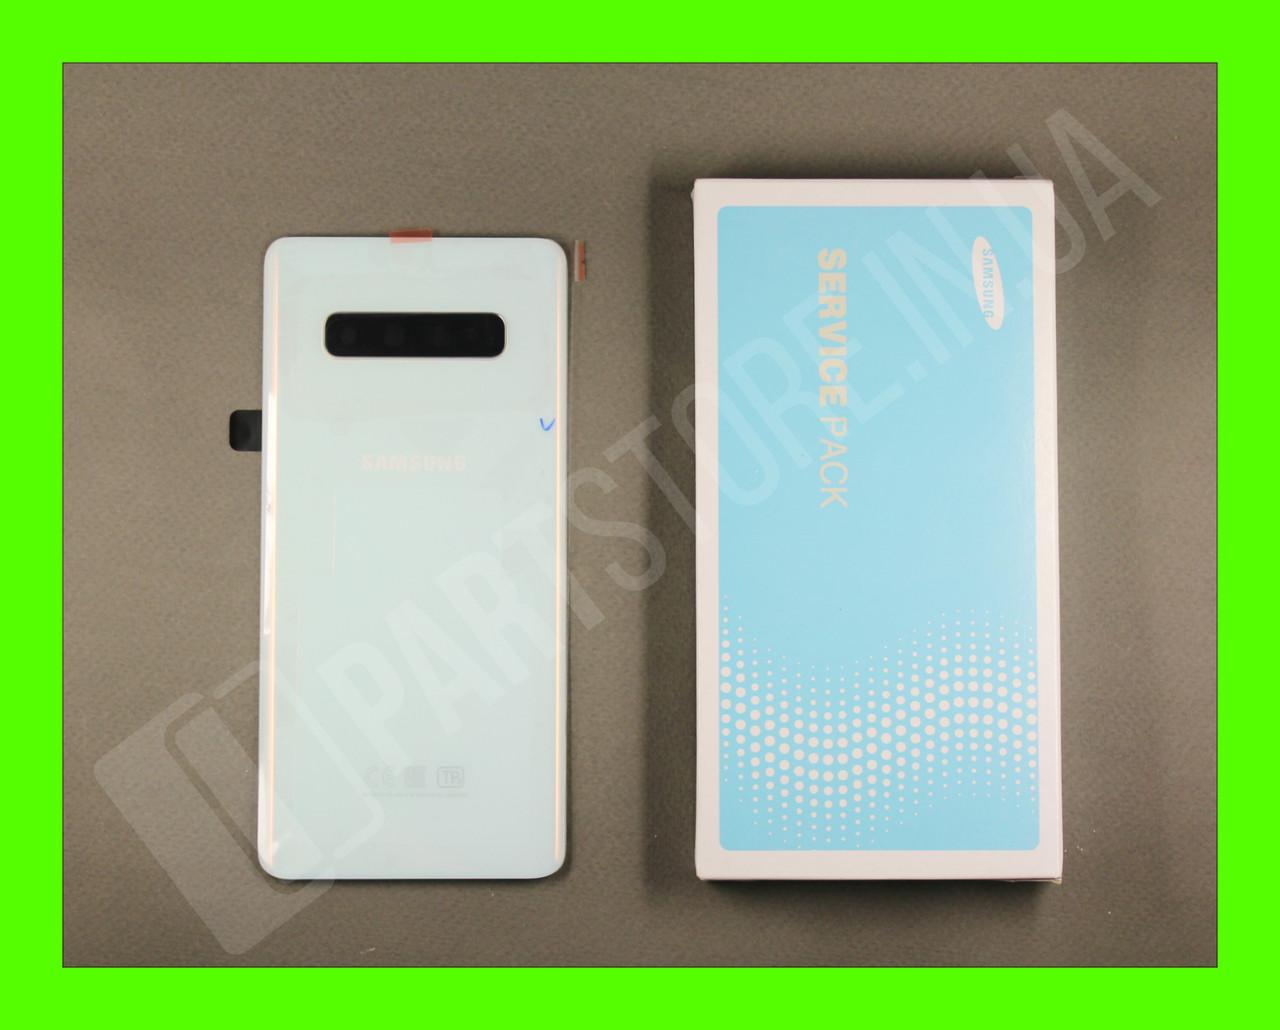 Cервисная оригинальная задняя Крышка Samsung G975 White S10 Plus (GH82-18534B)